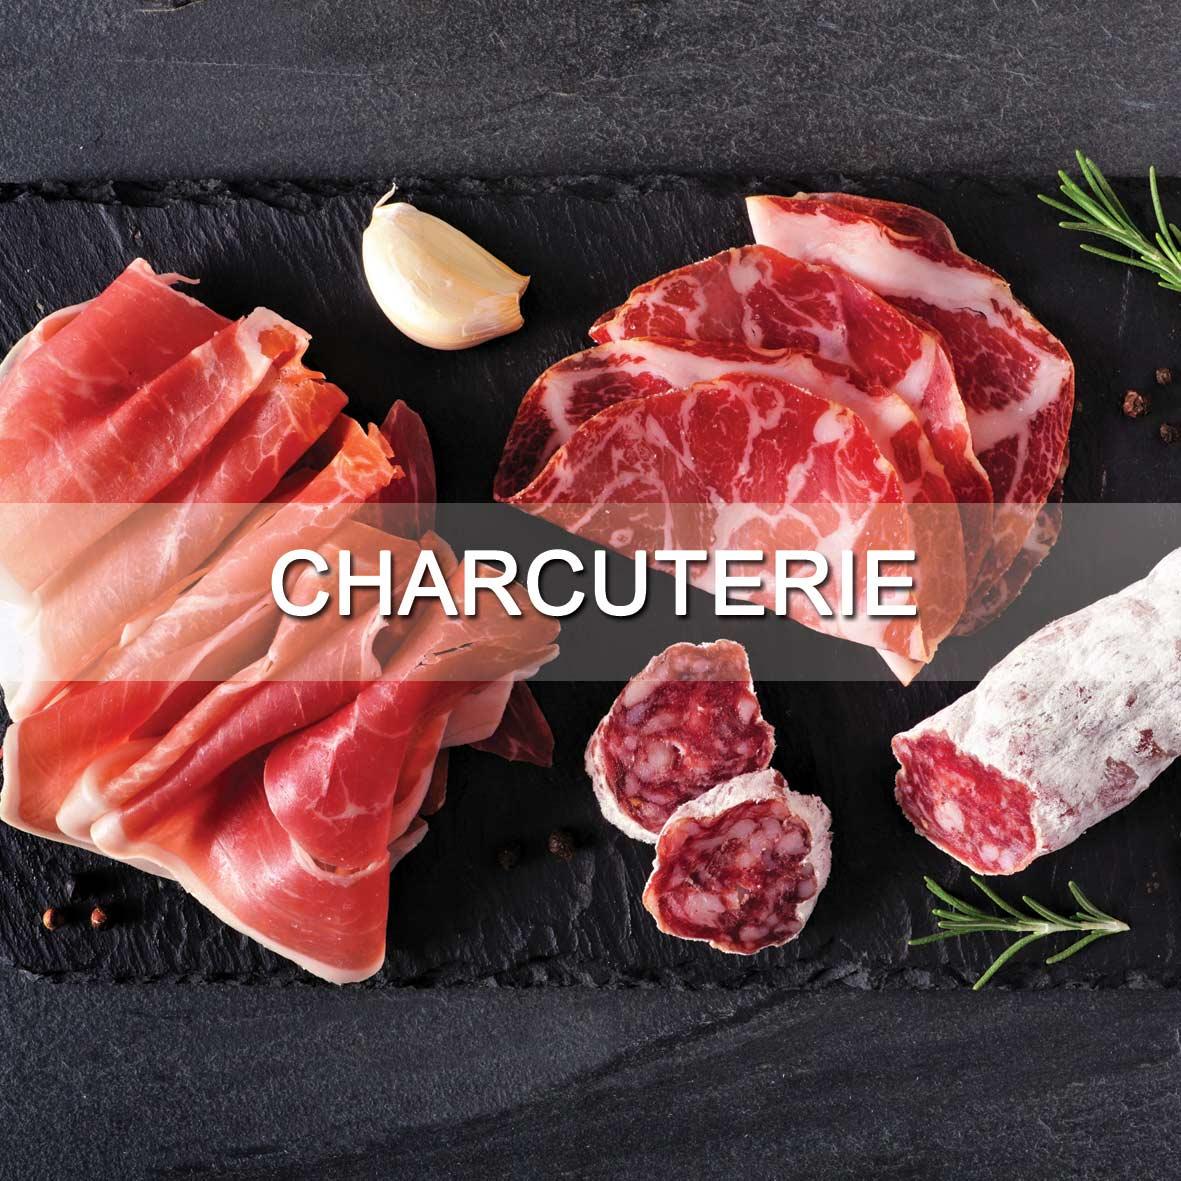 Le Fumoir de Saint-Cast vous présente ses produits d'épicerie fine salés : Charcuterie